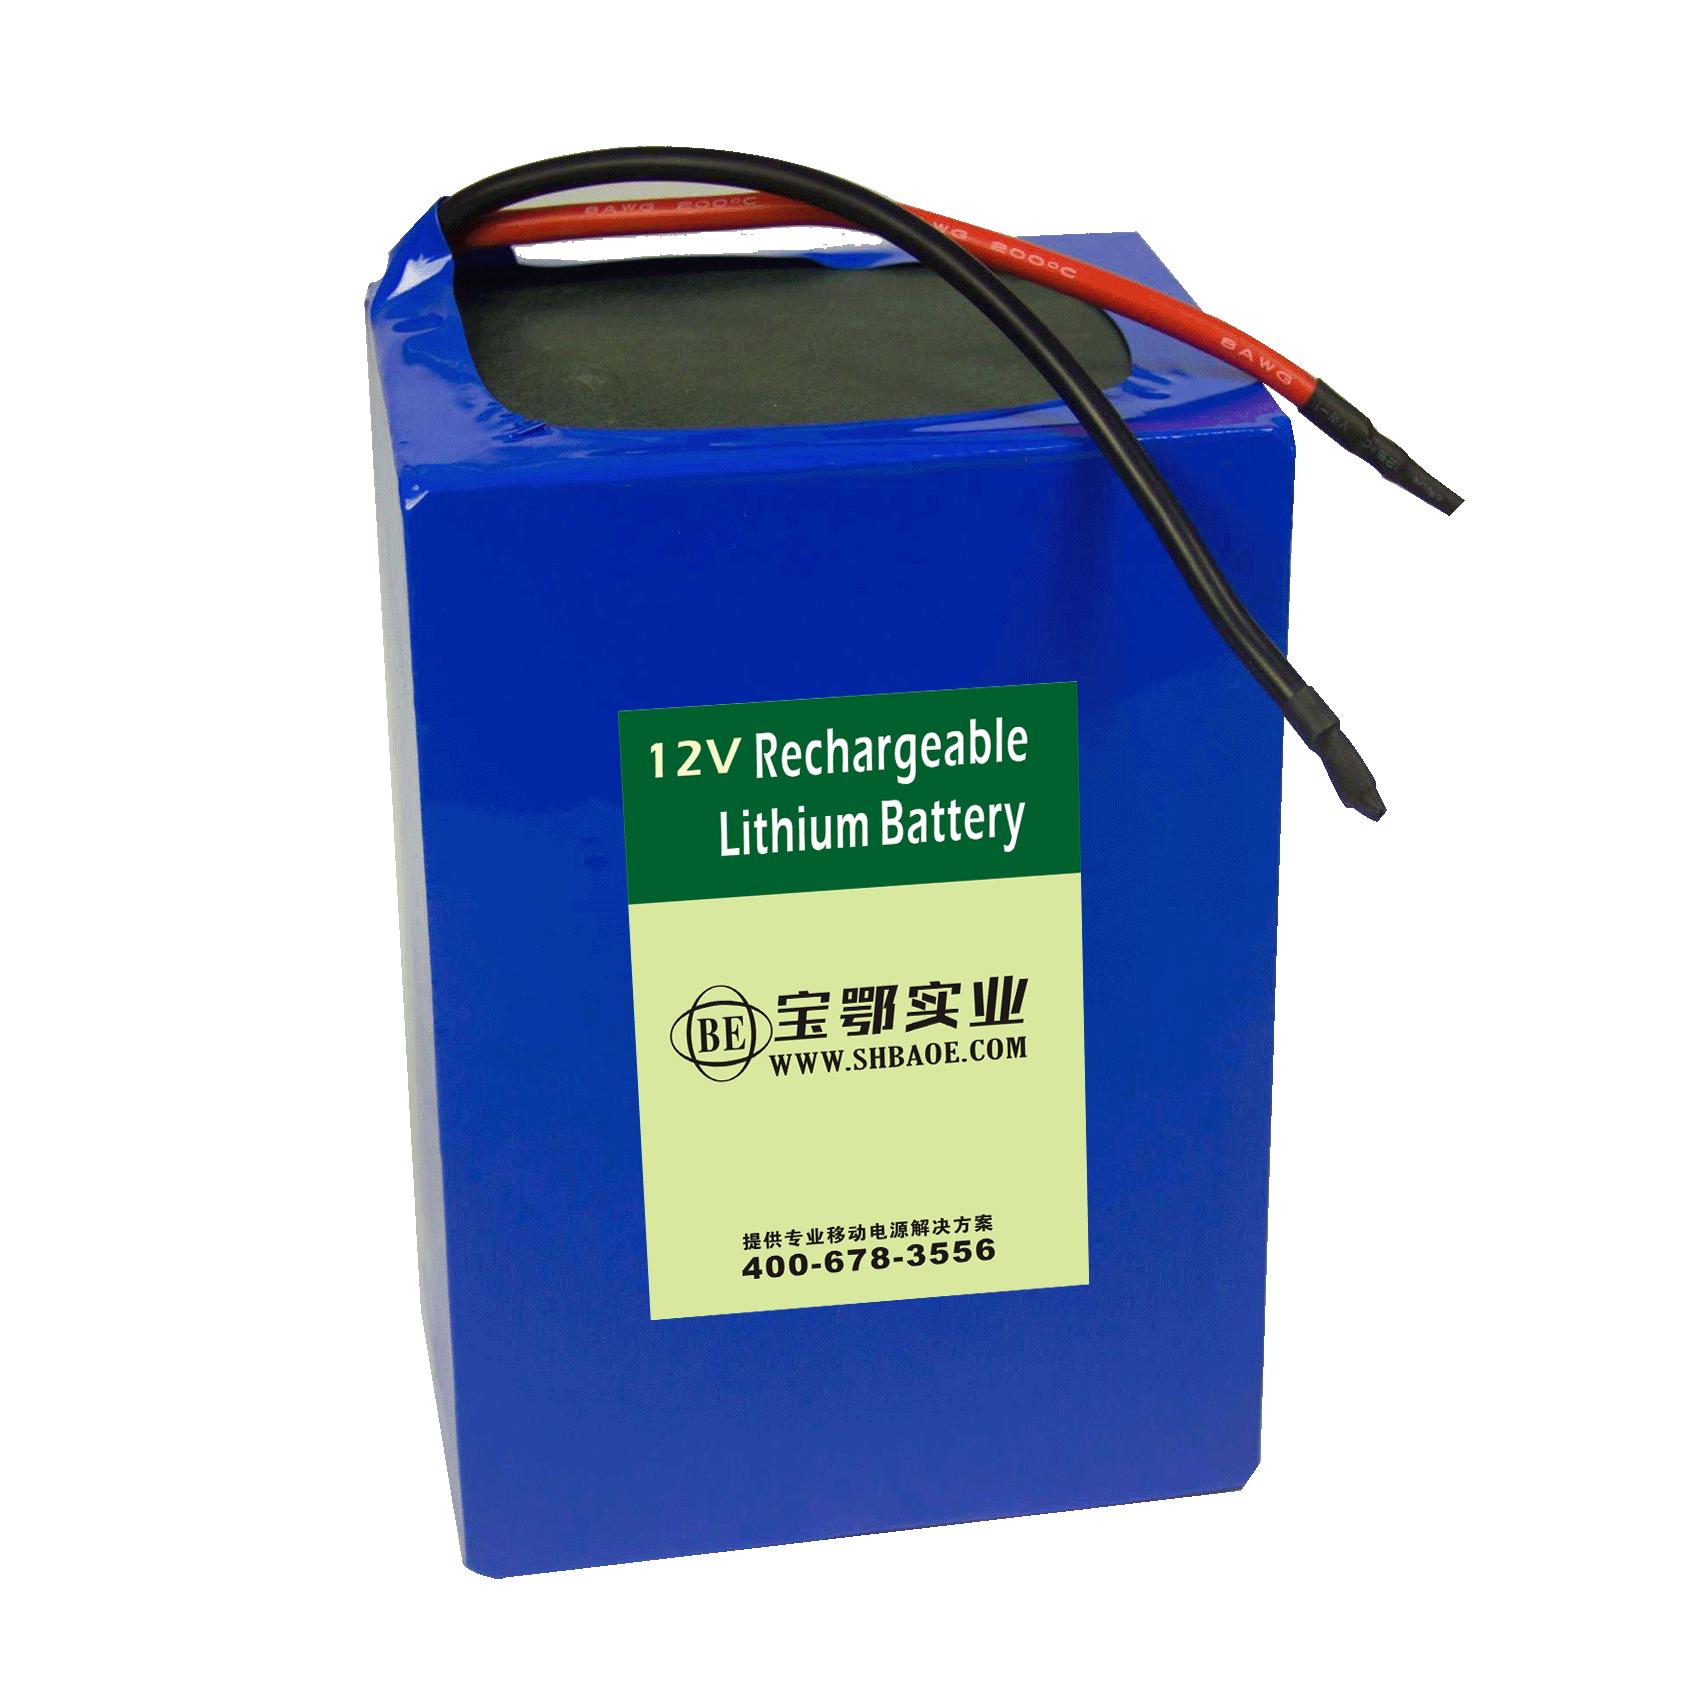 -40℃低温充放电钛酸锂电池18650 11.5V 640